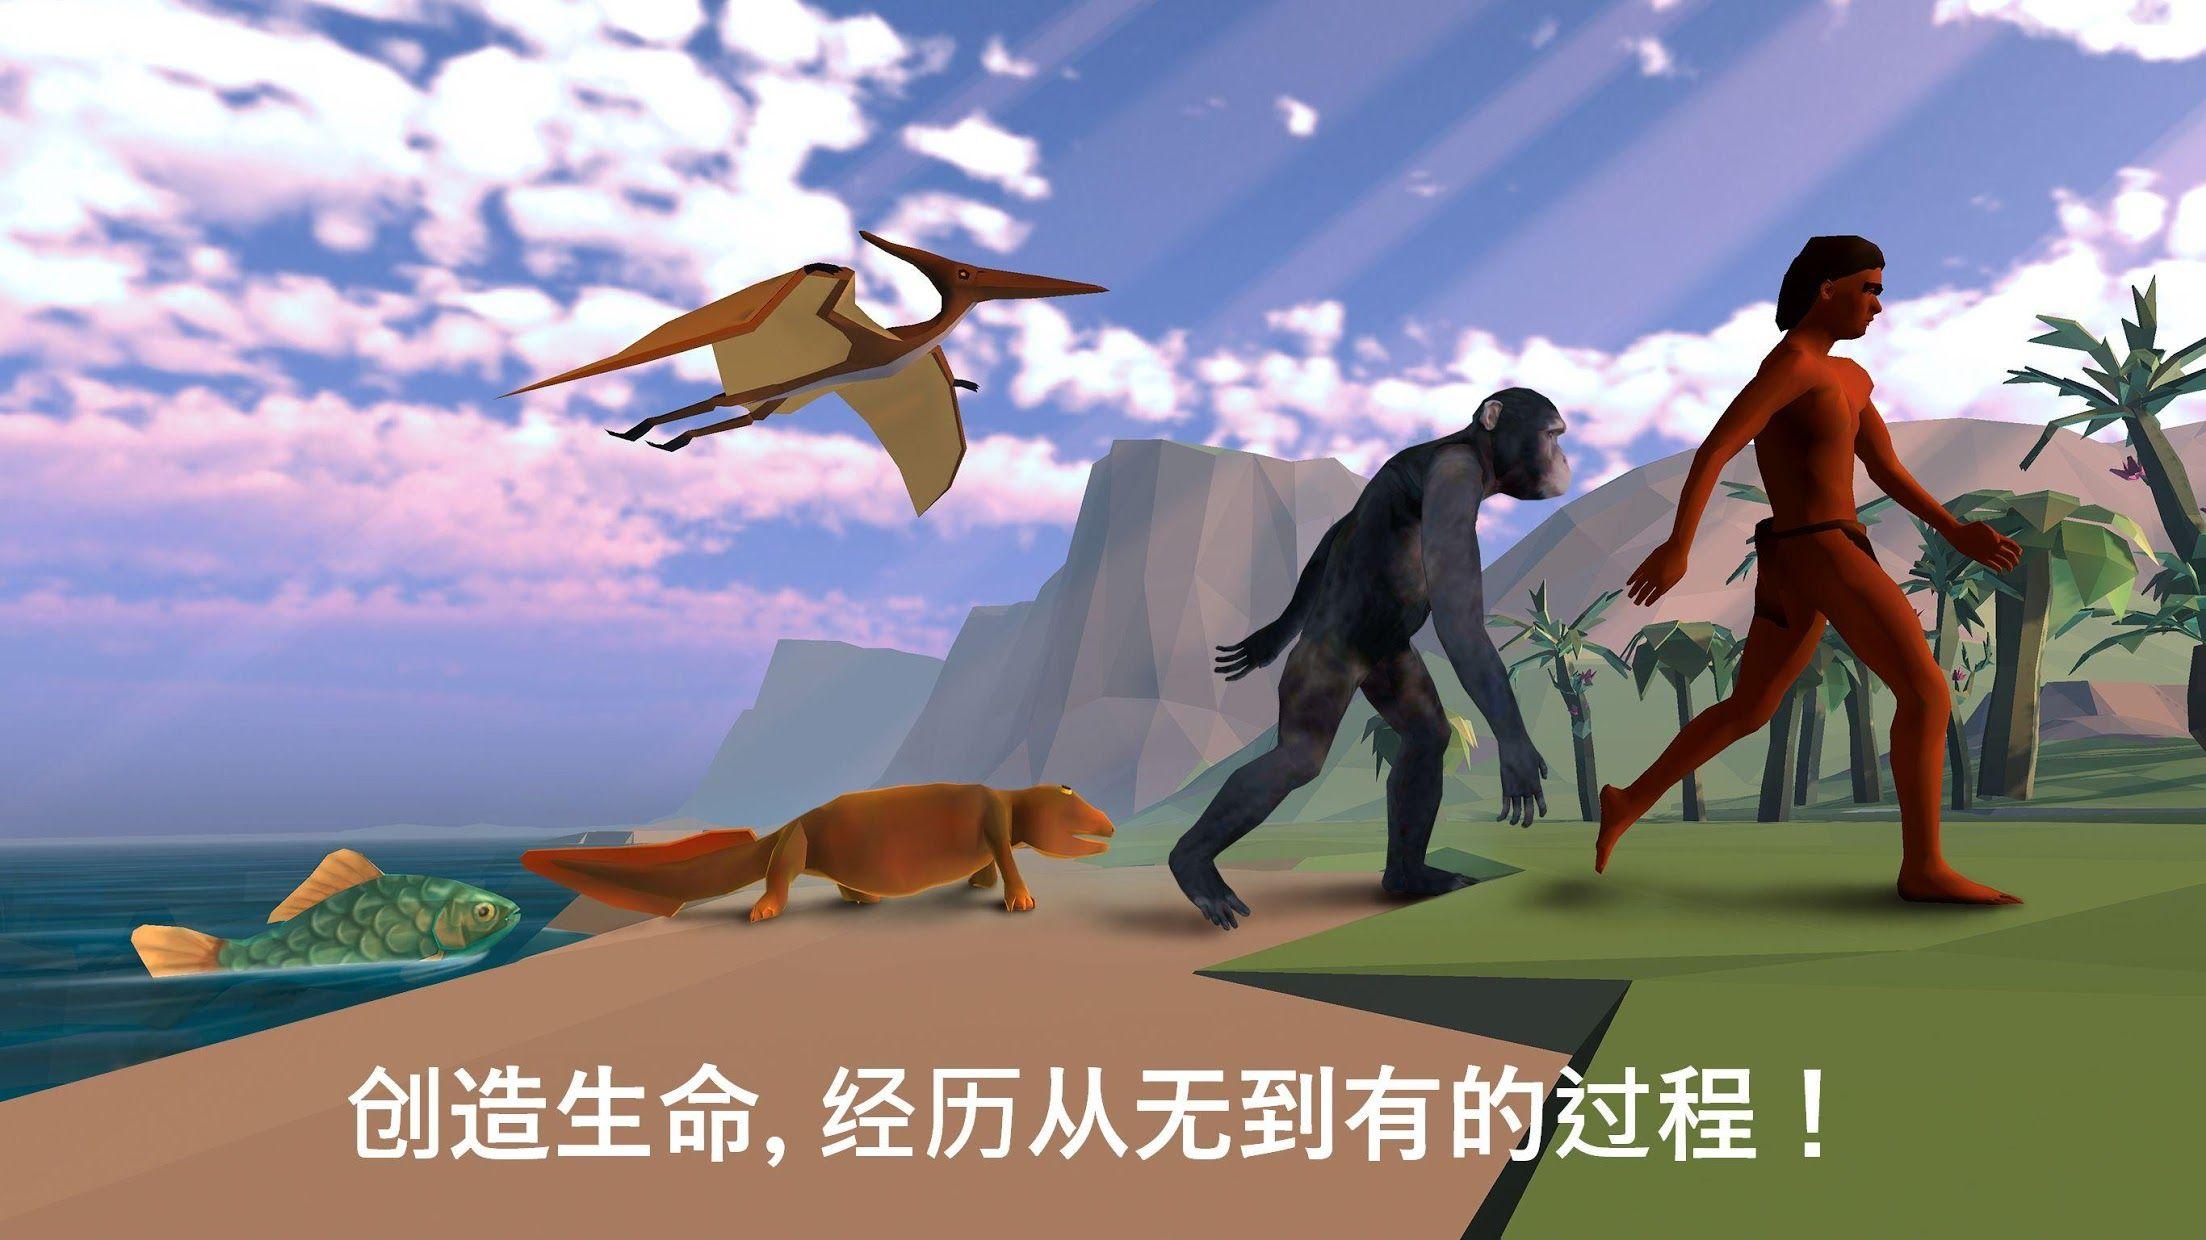 从细胞到奇点: 进化永无止境 游戏截图2